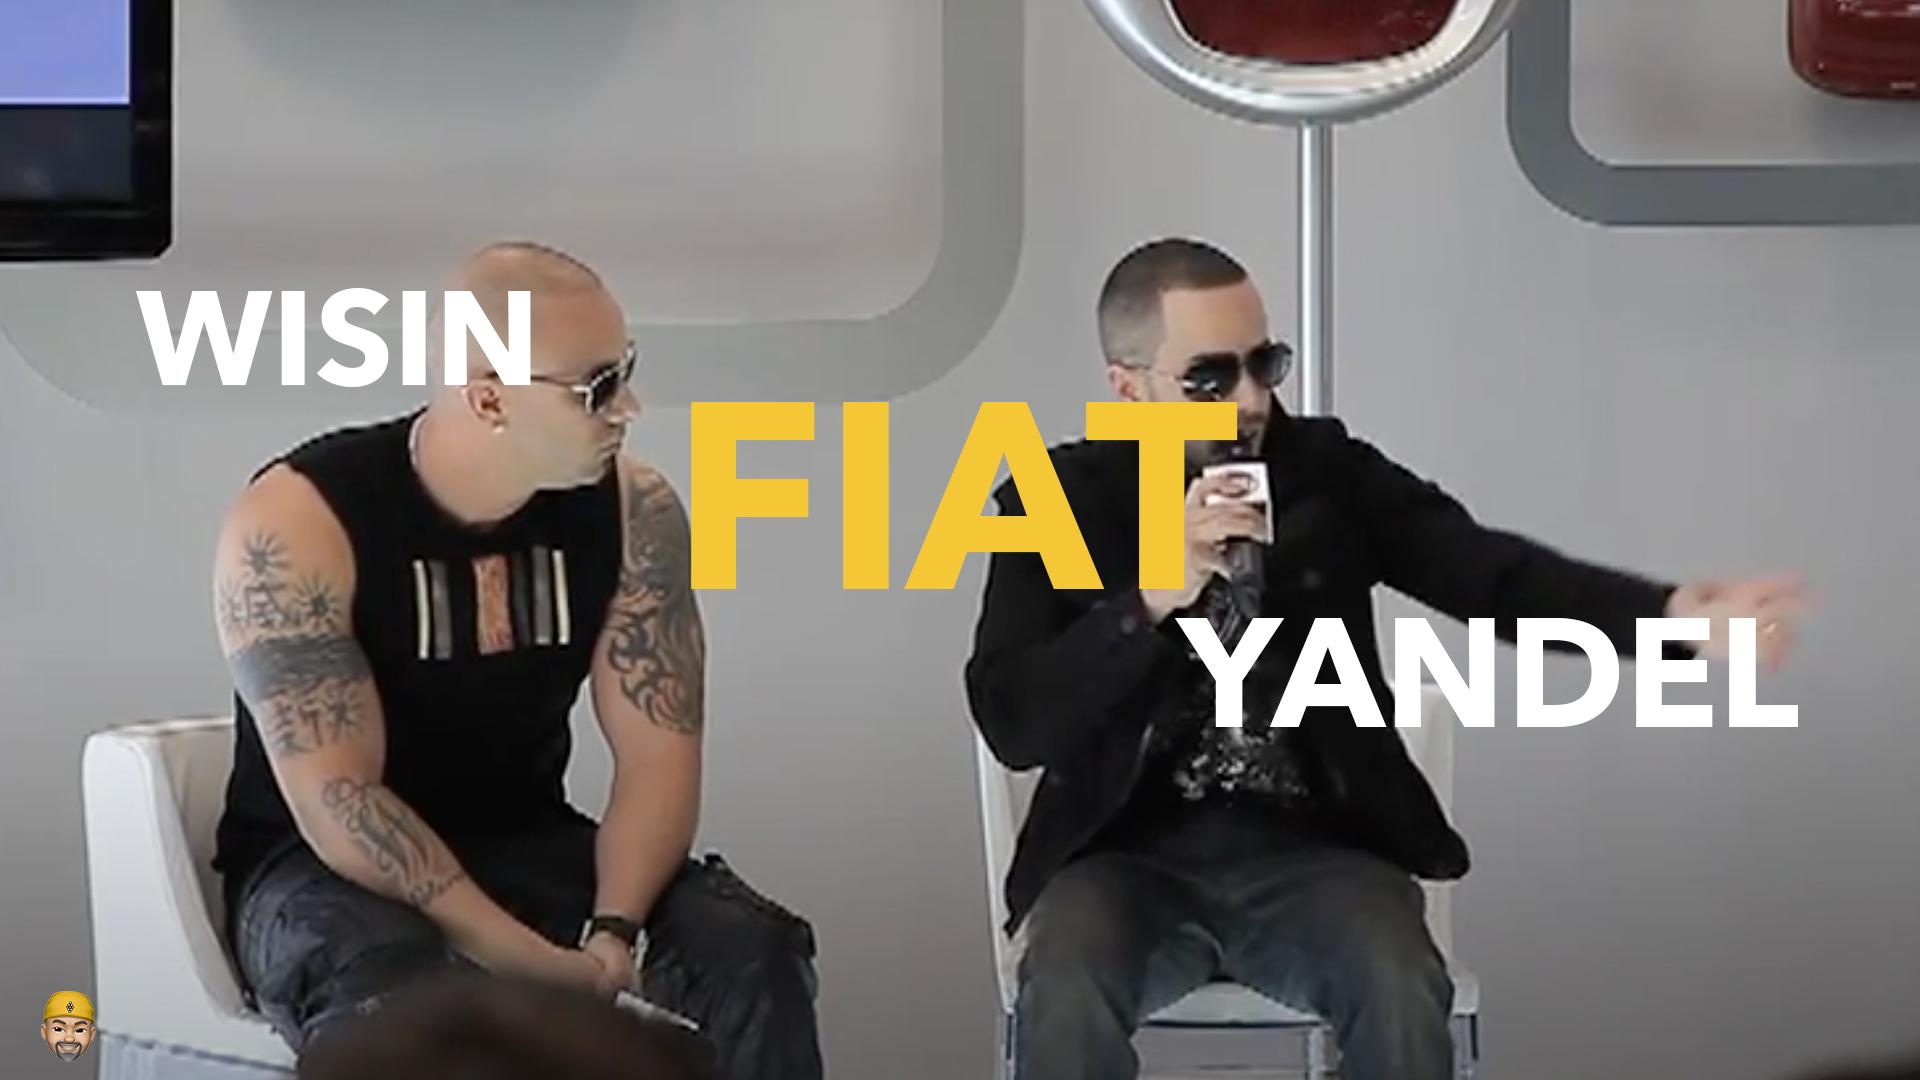 Wisin Y Yandel en conferencia de prensa junto a FIAT